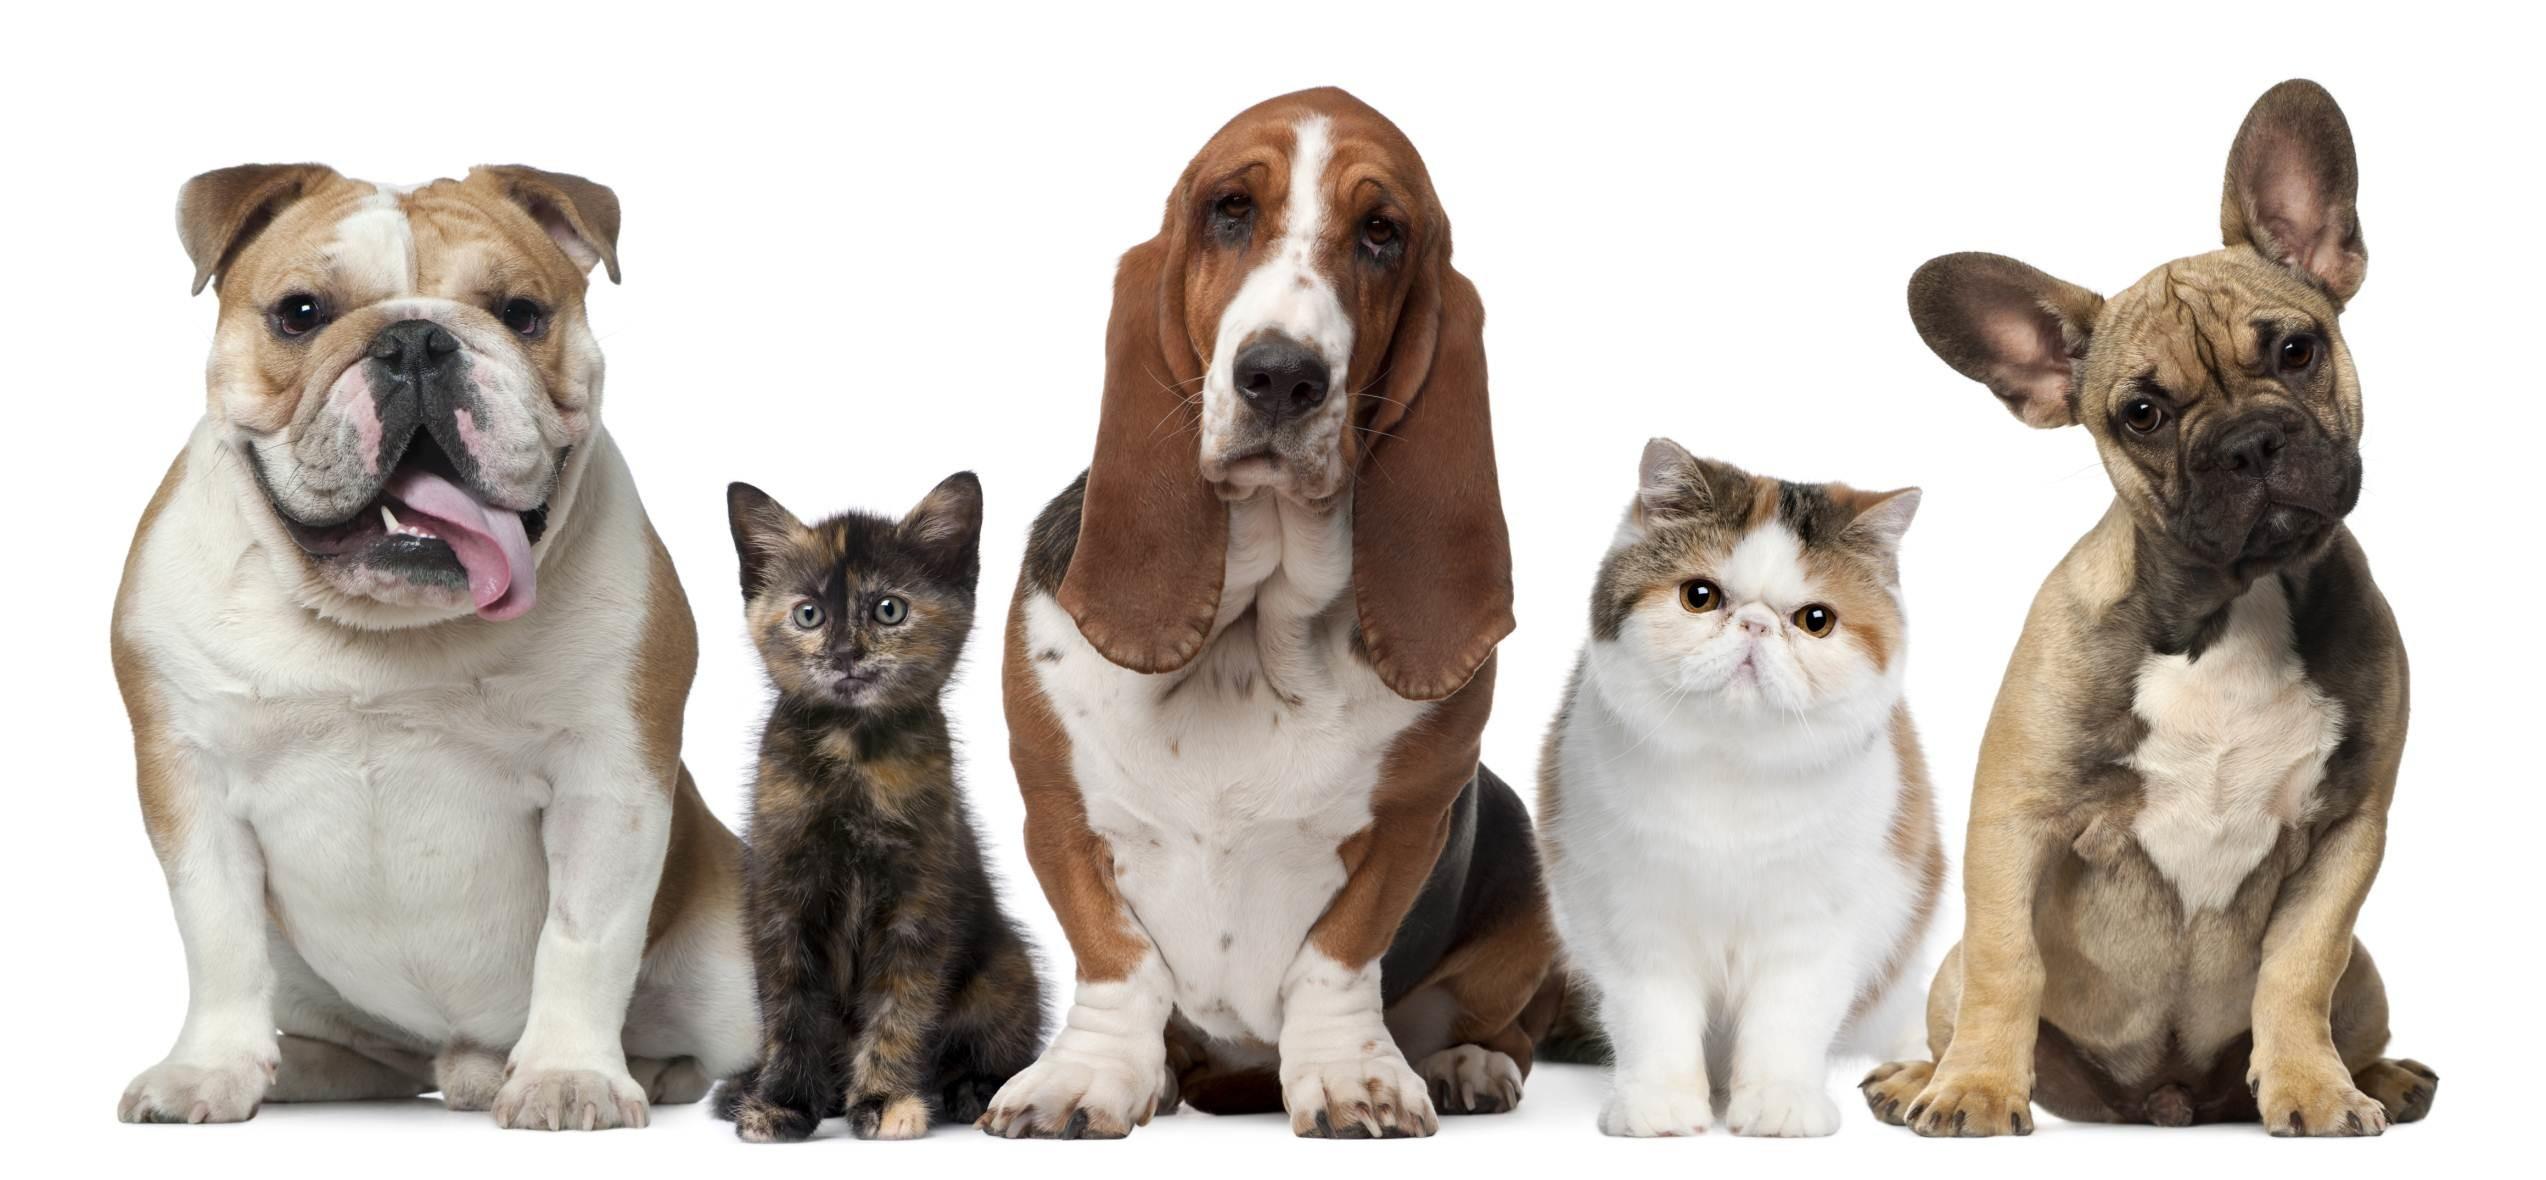 Cat & Dog Wallpaper